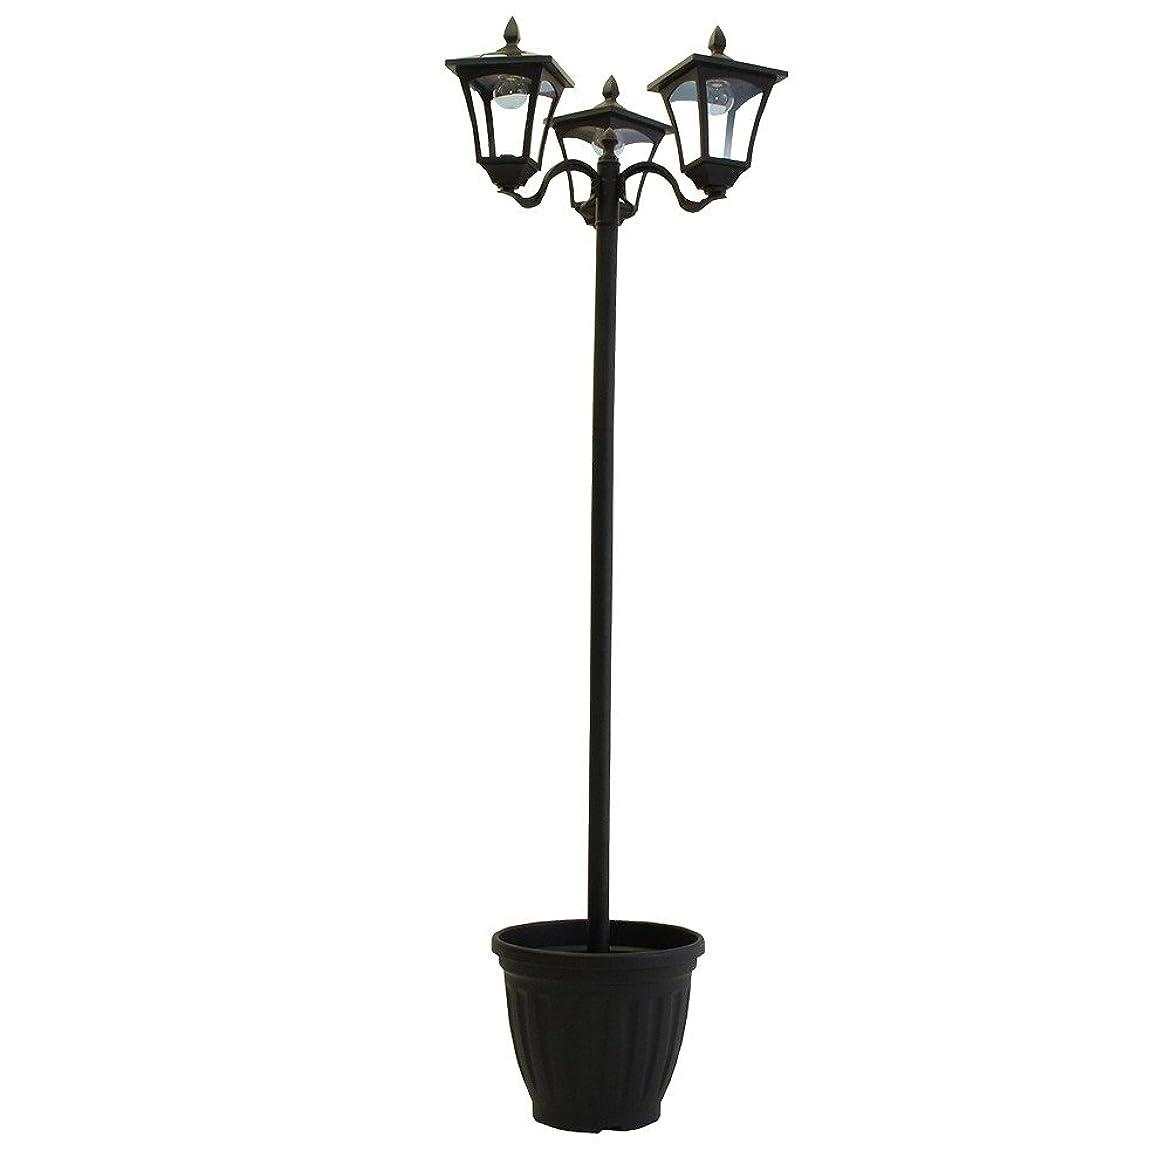 略す不道徳ベックス高儀 Verde Garden LED レトロガーデンライト ソーラー充電タイプ ダブル GLT-130